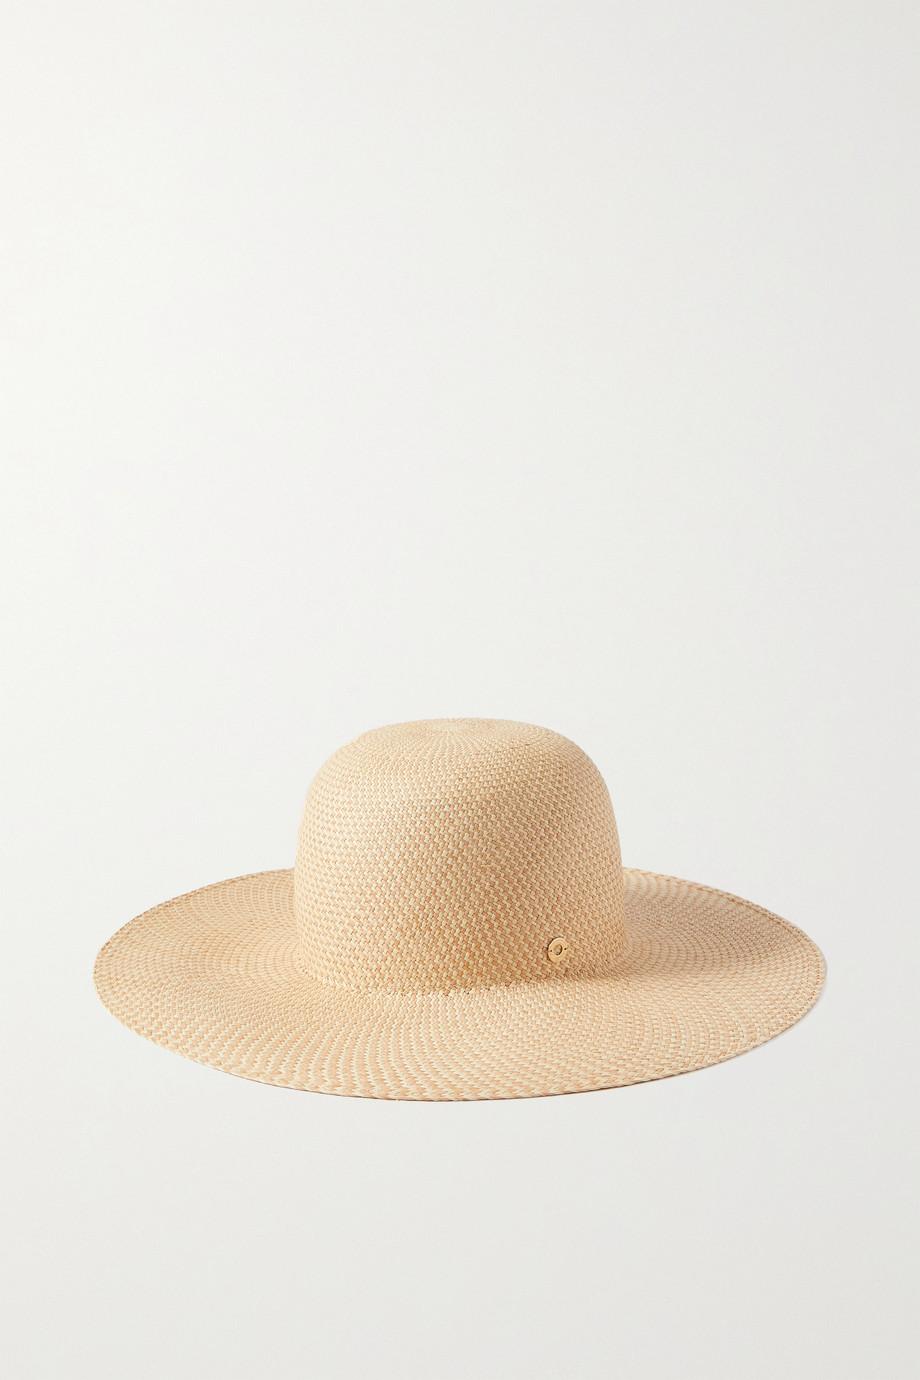 Loro Piana Chapeau en paille La Fossette